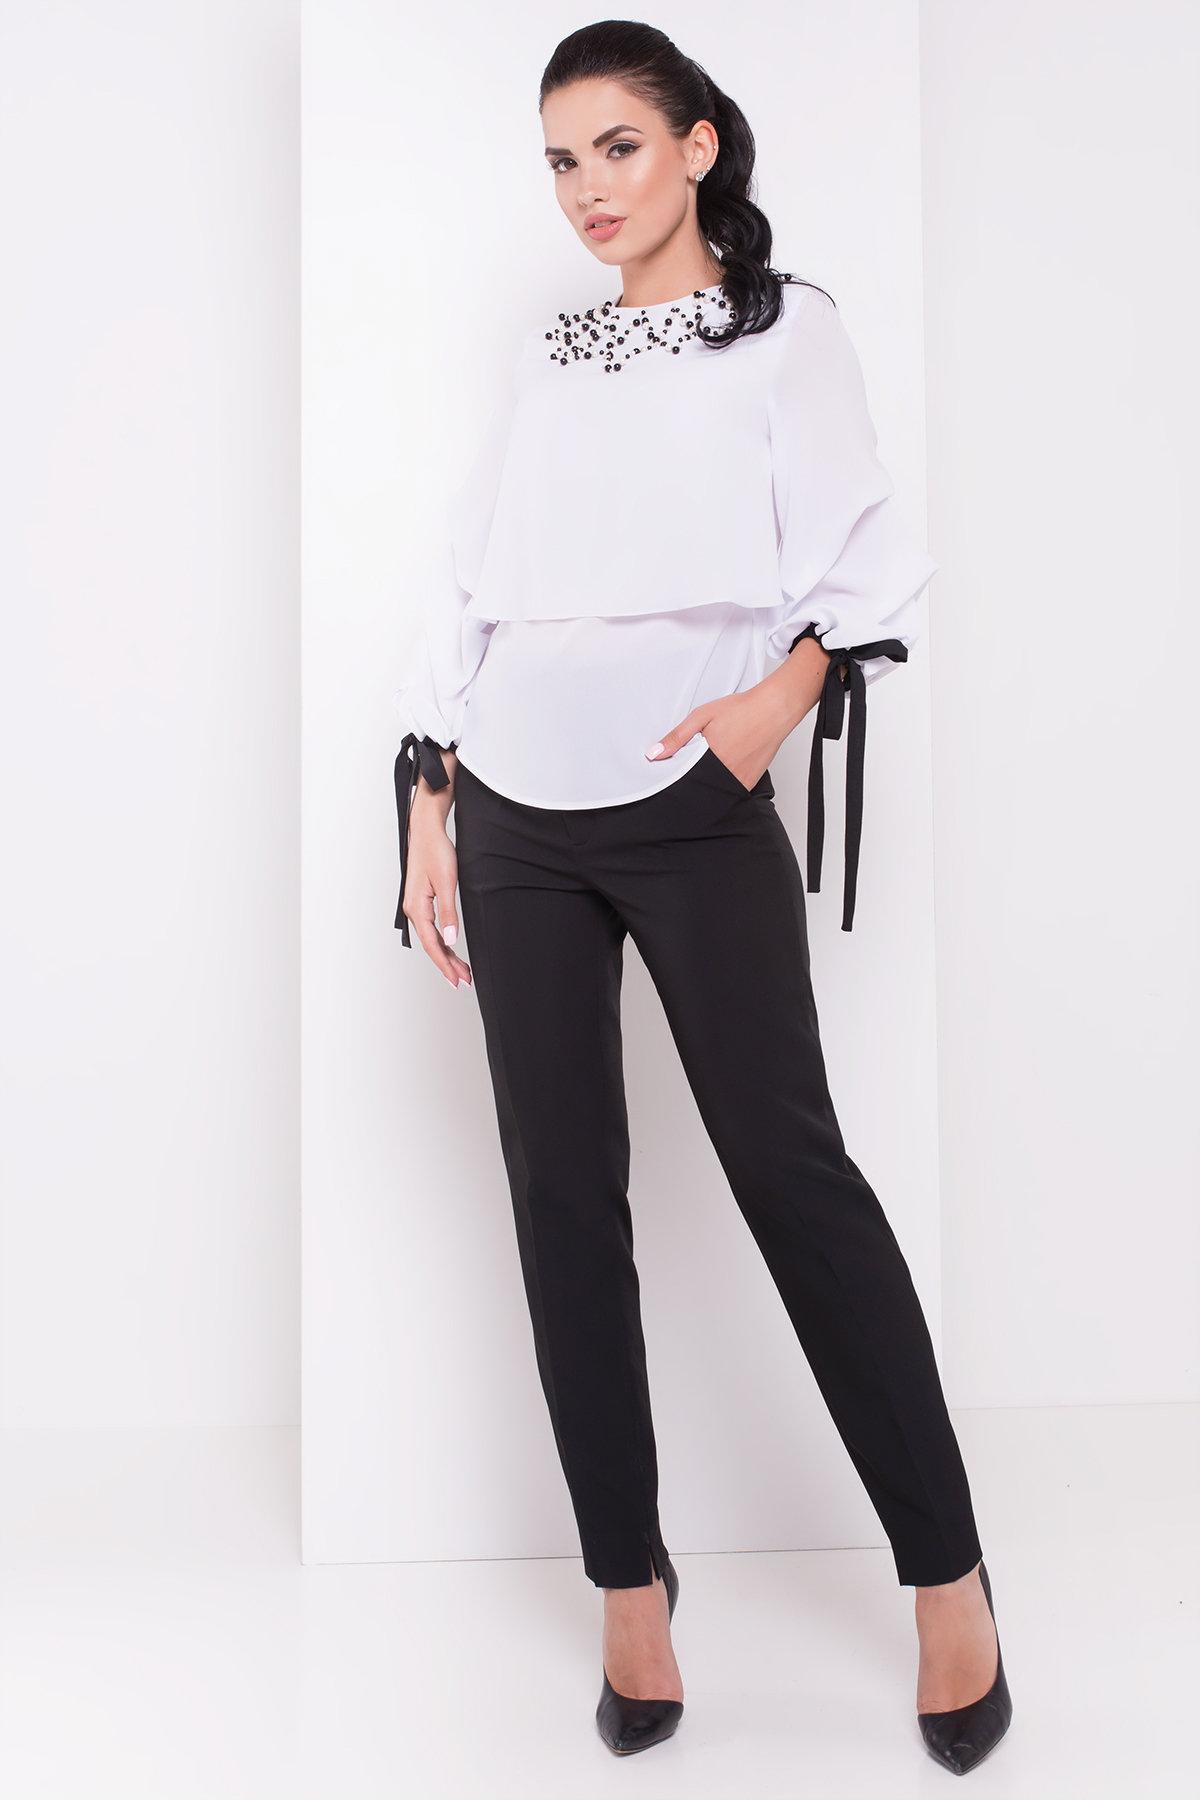 Блуза Пандора 3228 Цвет: Белый/черный